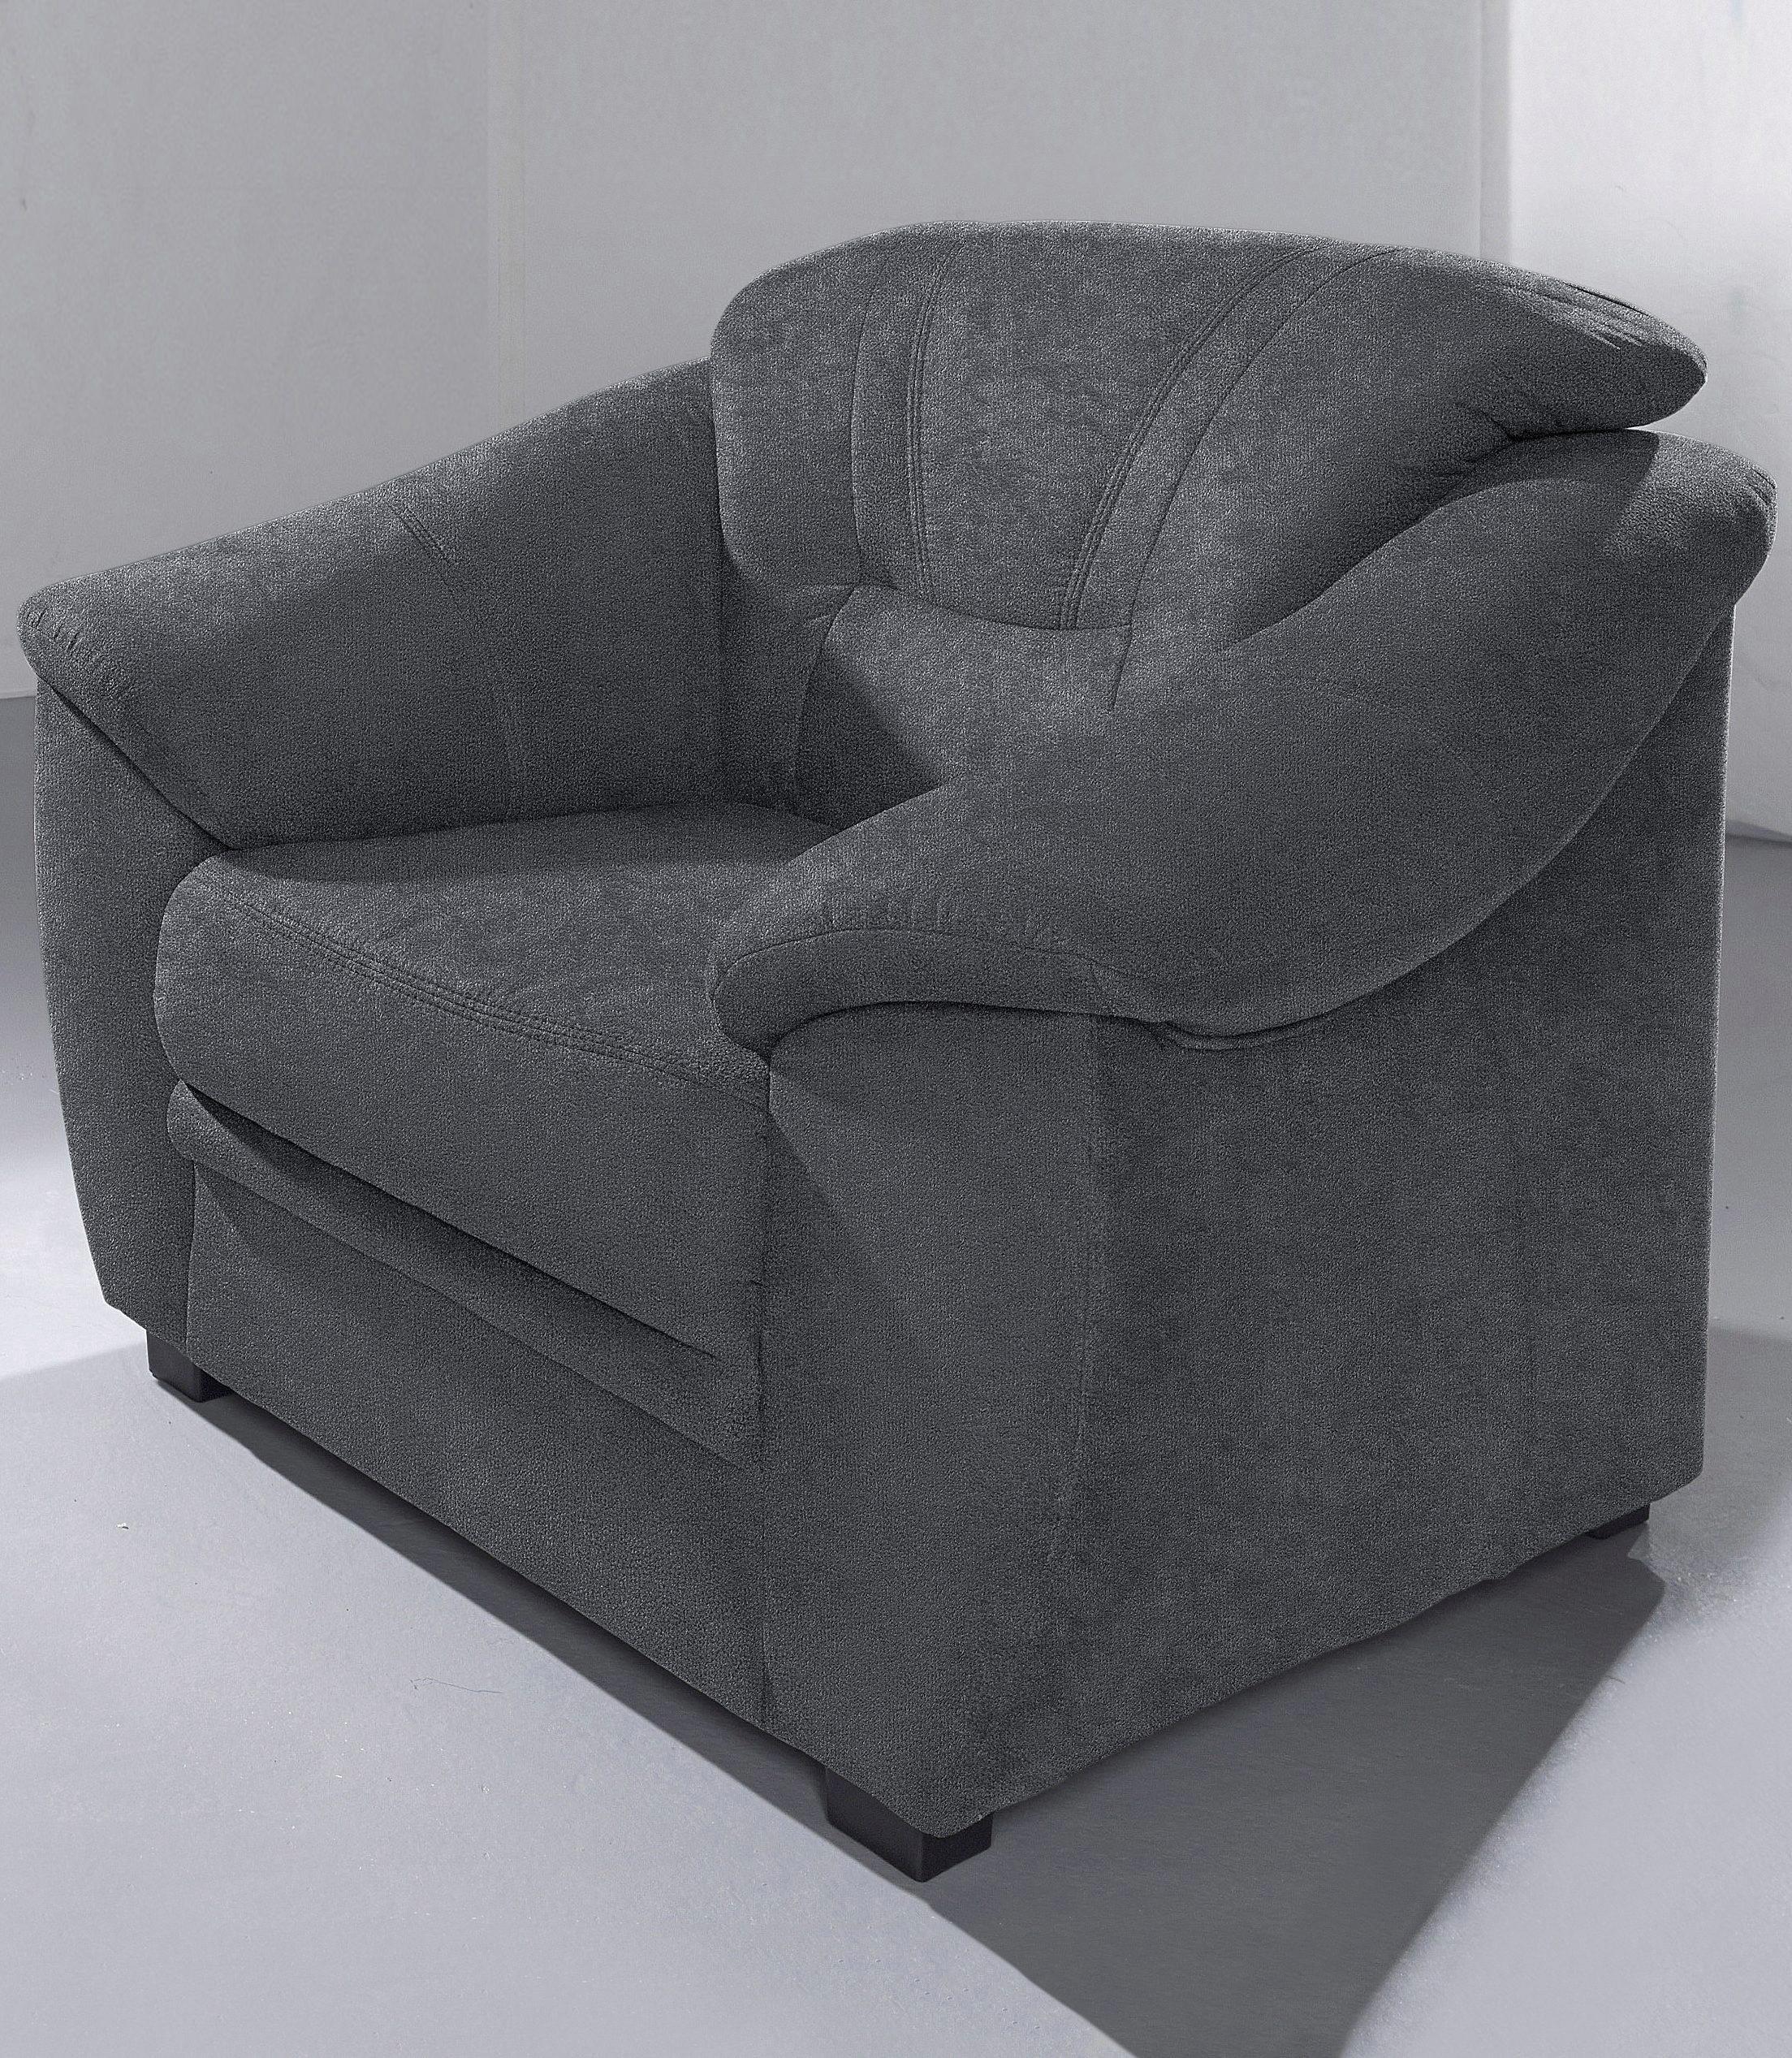 Sit\&more SIT & MORE Fauteuil in 4 bekledingskwaliteiten in de webshop van OTTO kopen